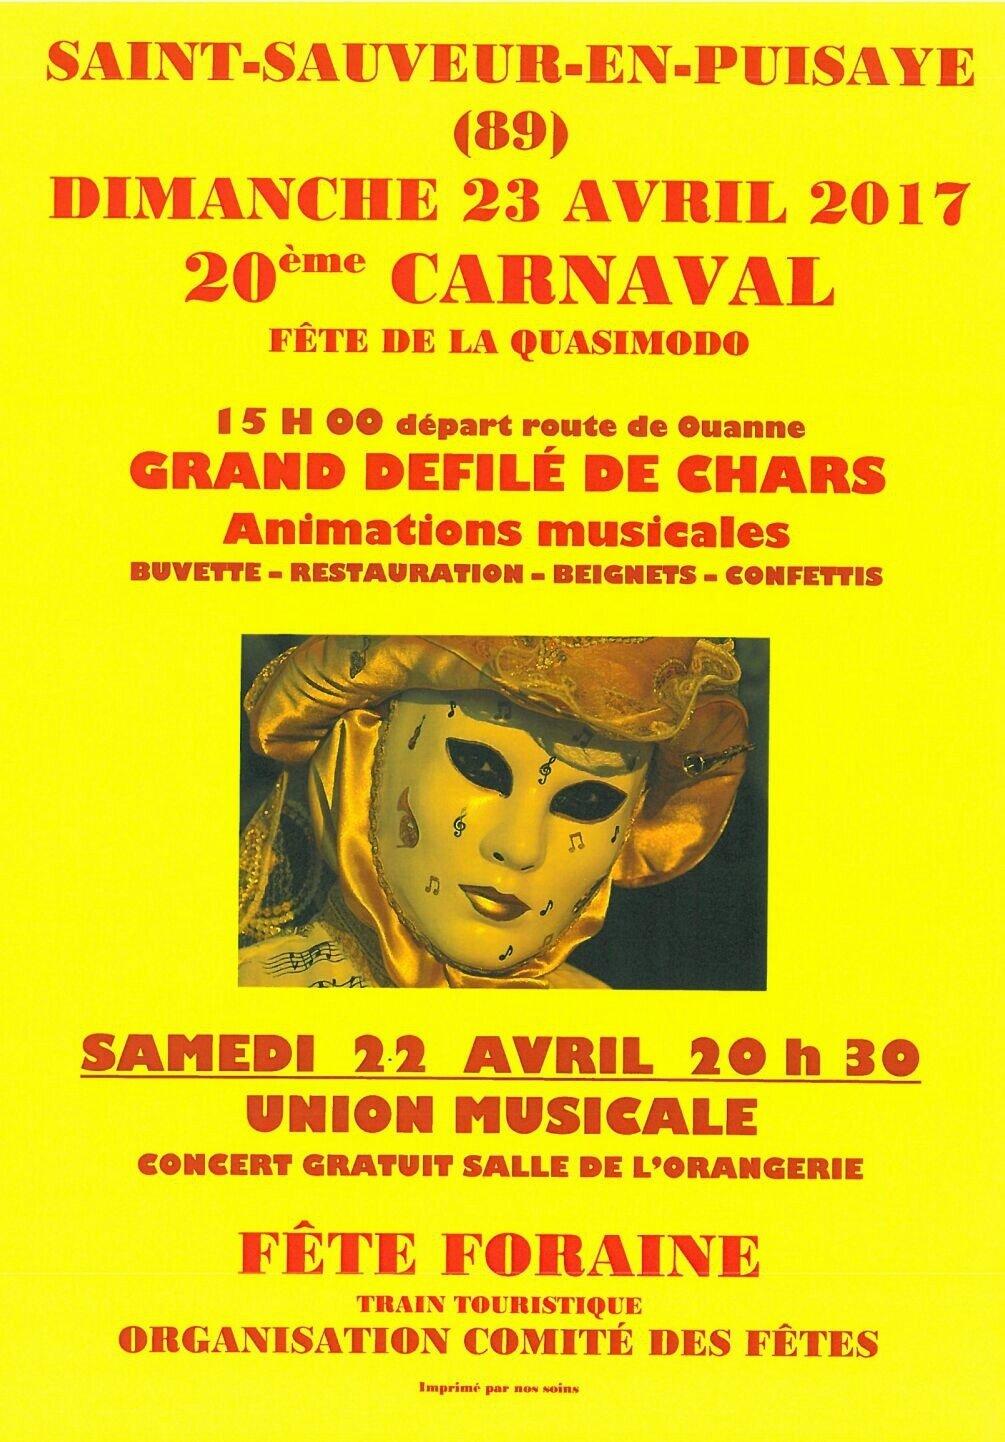 Dimanche 23 Avril, fête de la Quasimodo à St Sauveur !